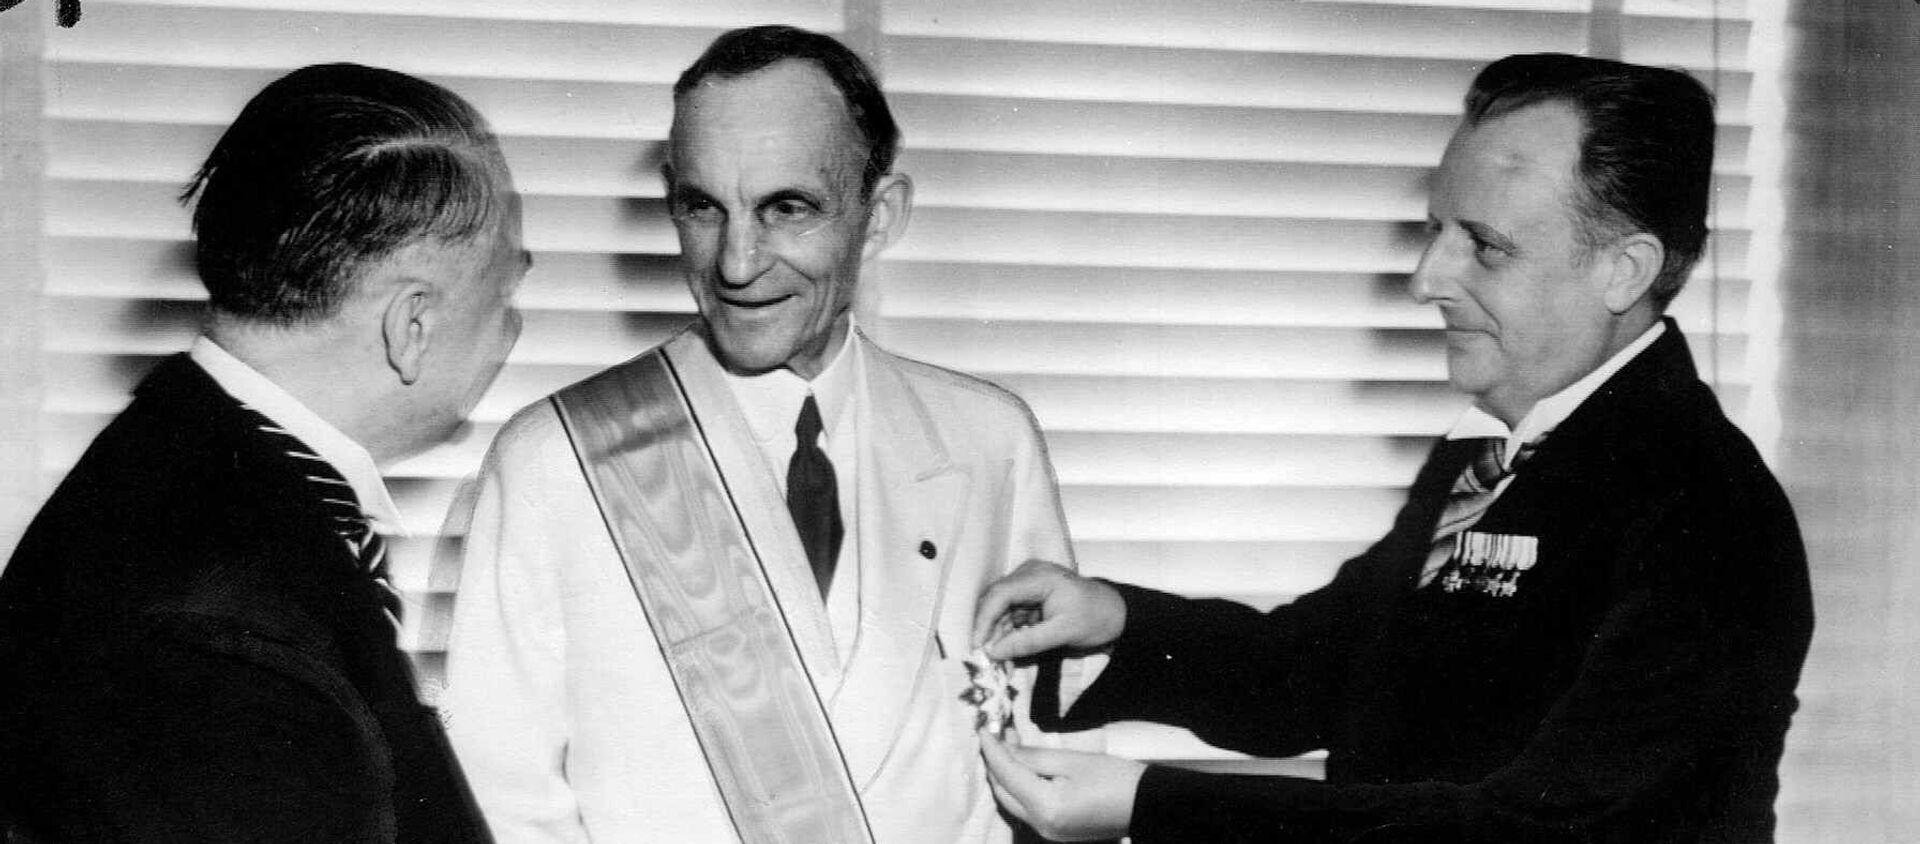 Henry Ford recibe la Gran Cruz del Águila Alemana - Sputnik Mundo, 1920, 21.05.2020